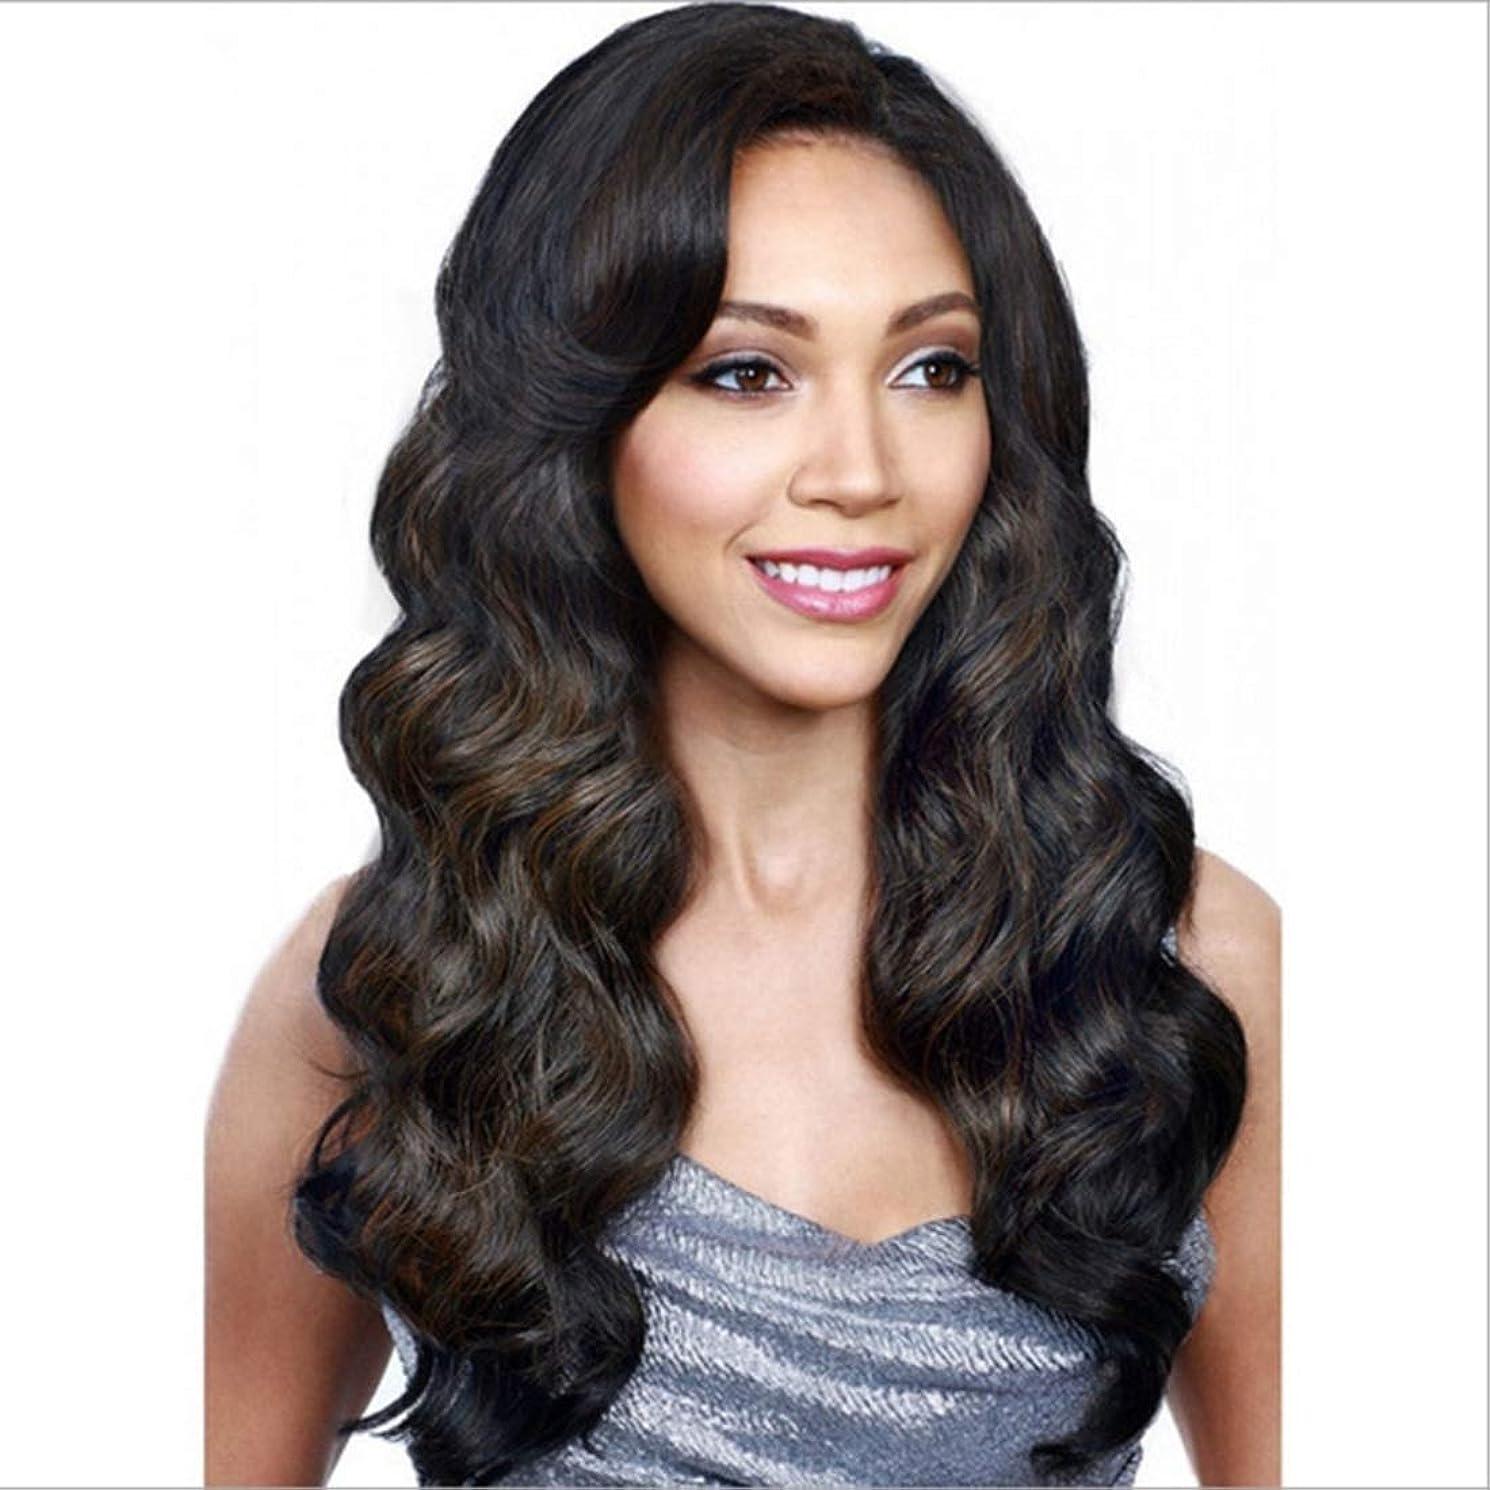 絶滅させるバリー混雑Kerwinner 女性のための長い巻き毛の層状の耐熱性合成毛髪のかつらを分けてヘアセンターで合成女性のかつら